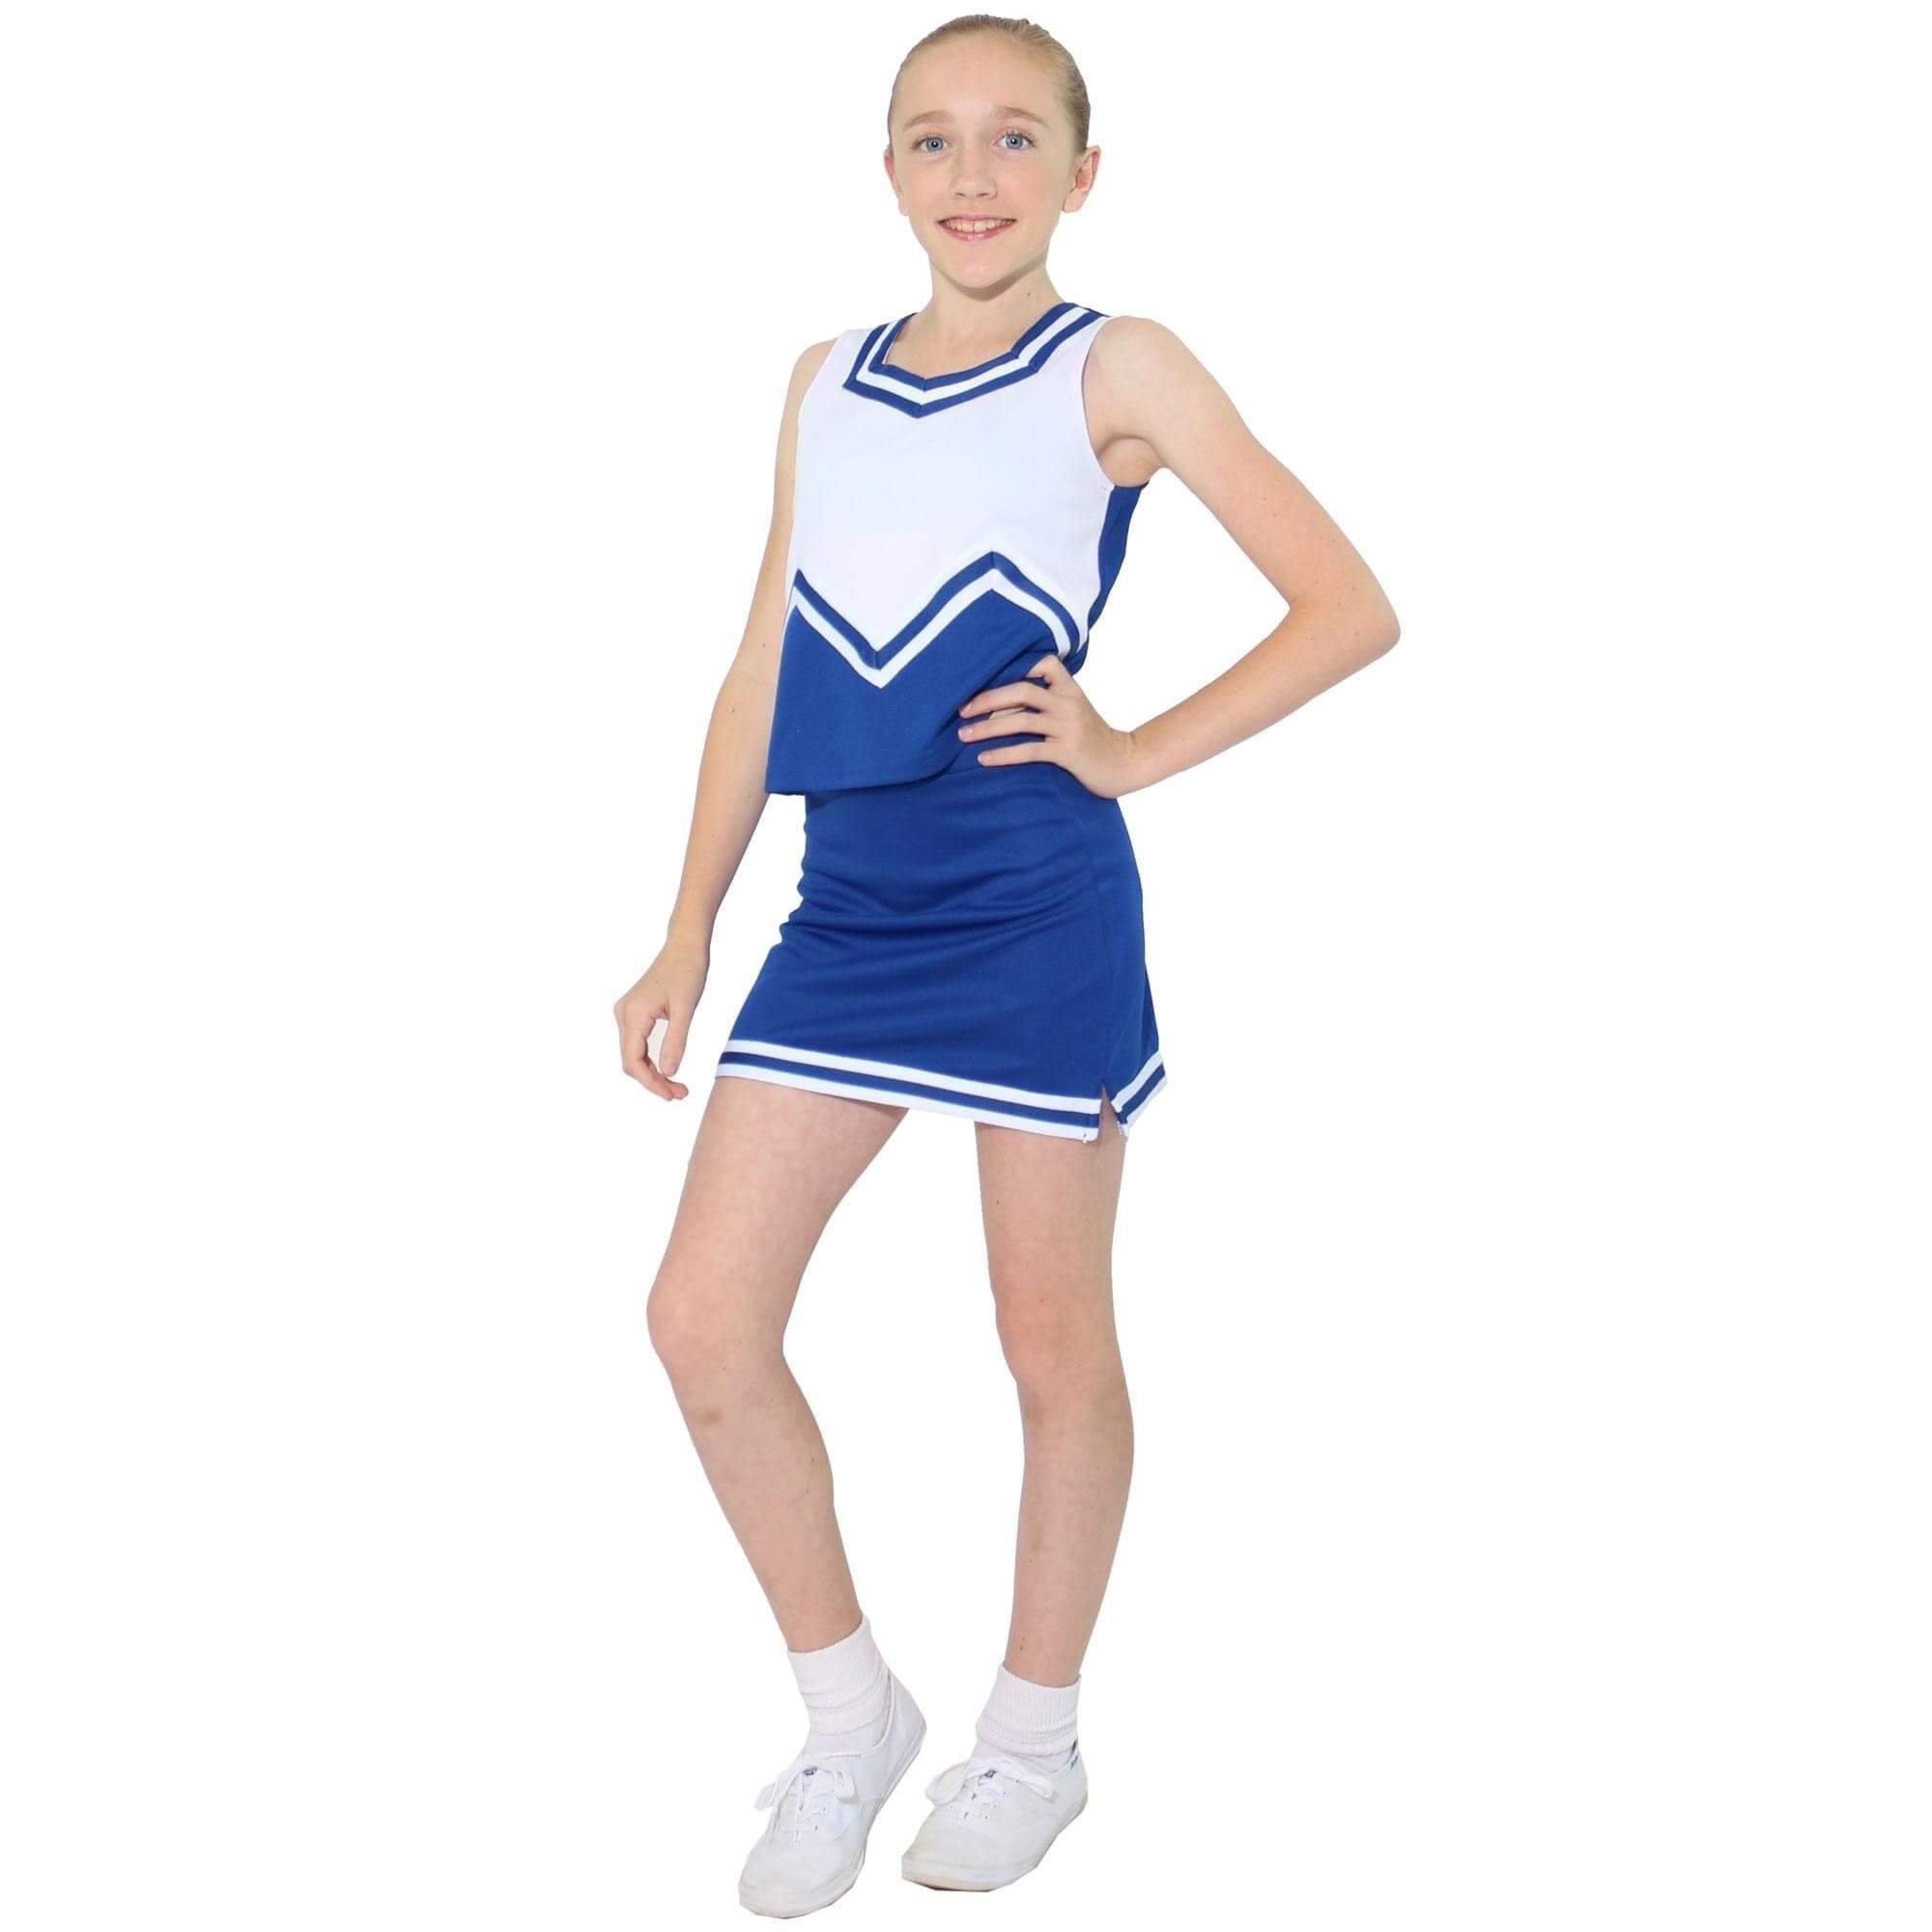 cheer child cheerleading uniforms cheerleading